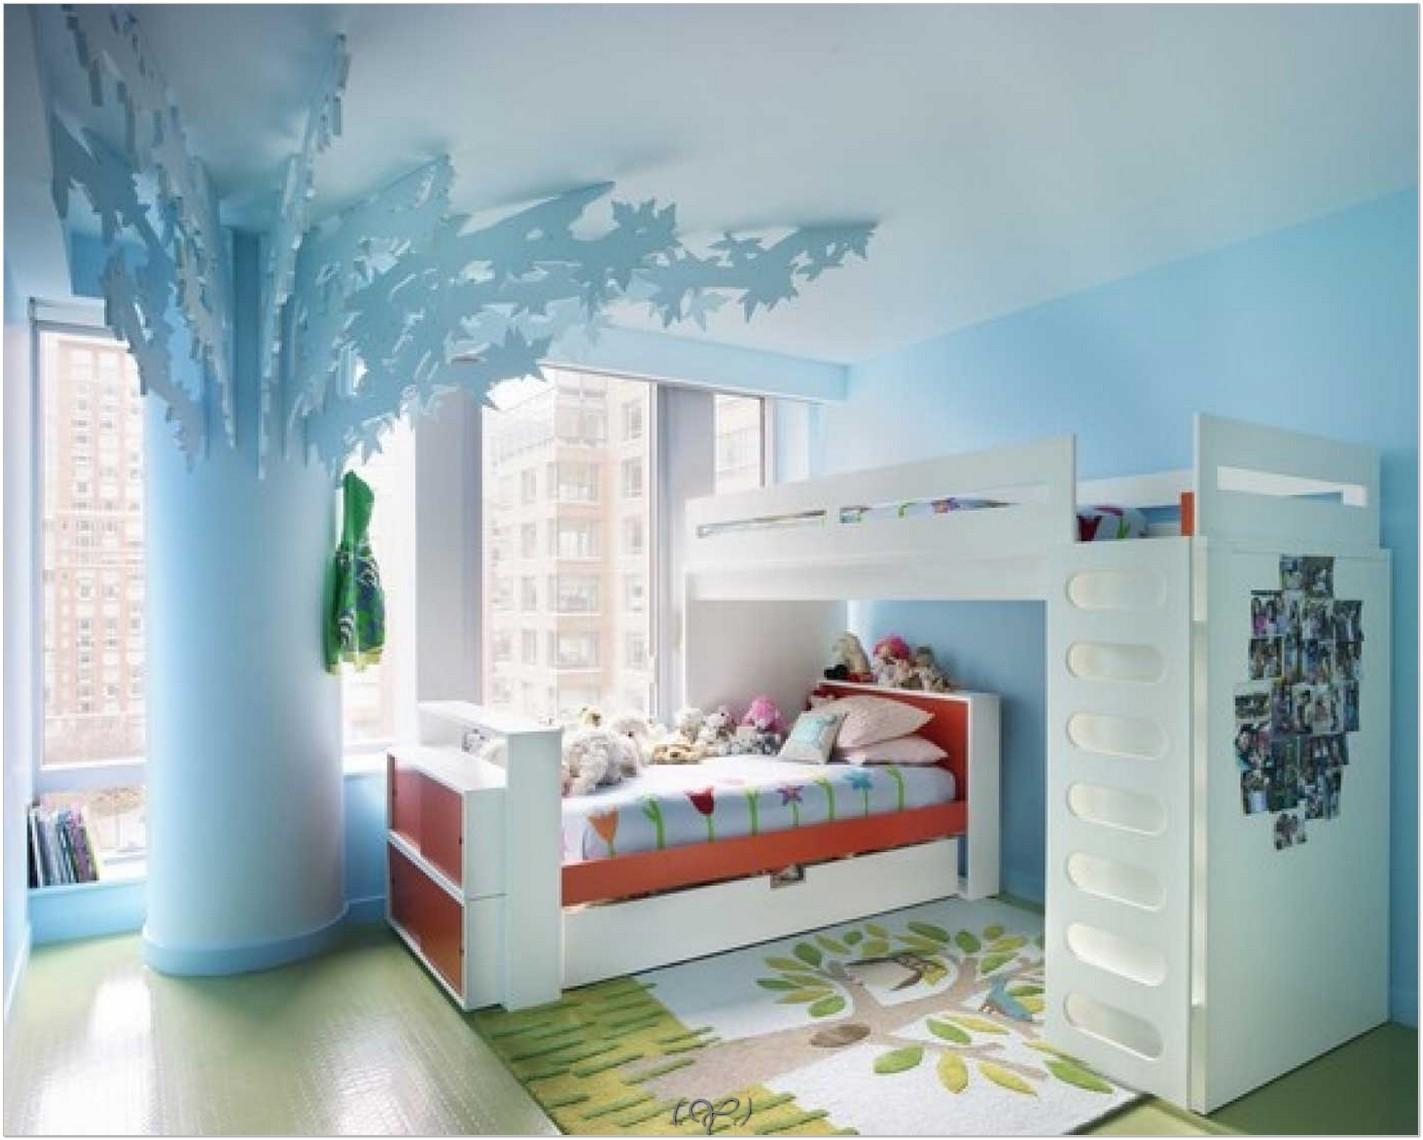 kids bedroom and bathroom ideas photo - 5